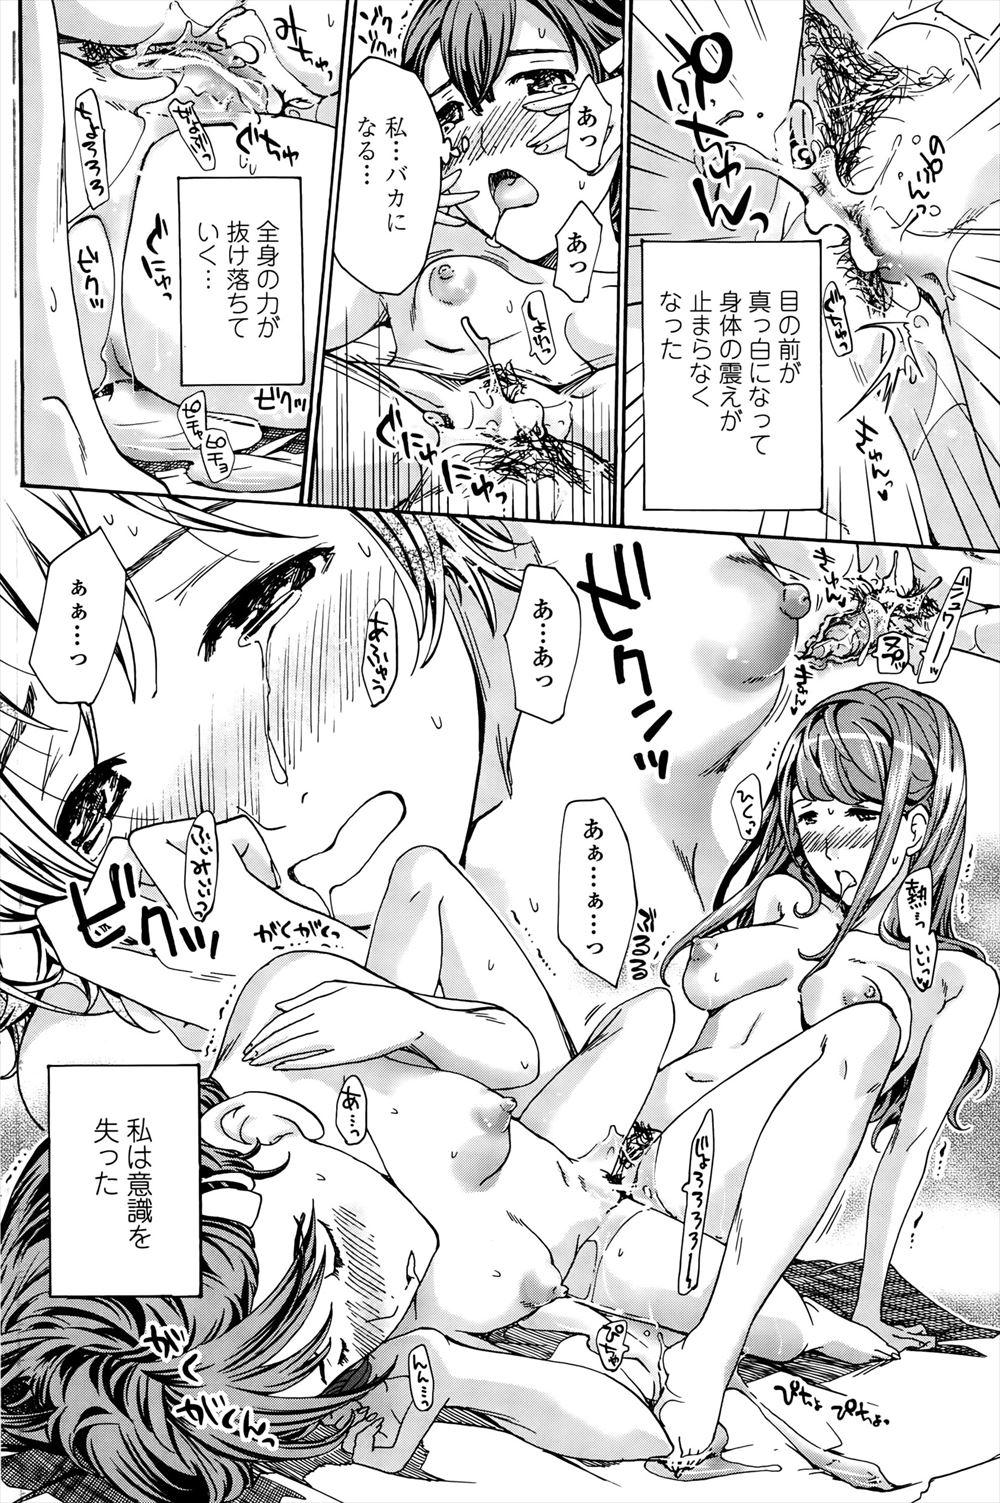 【エロ漫画・エロ同人誌】年上の巨乳彼女と付き合ってるちっぱい少女が青姦レズセックスしてるンゴwww (18)